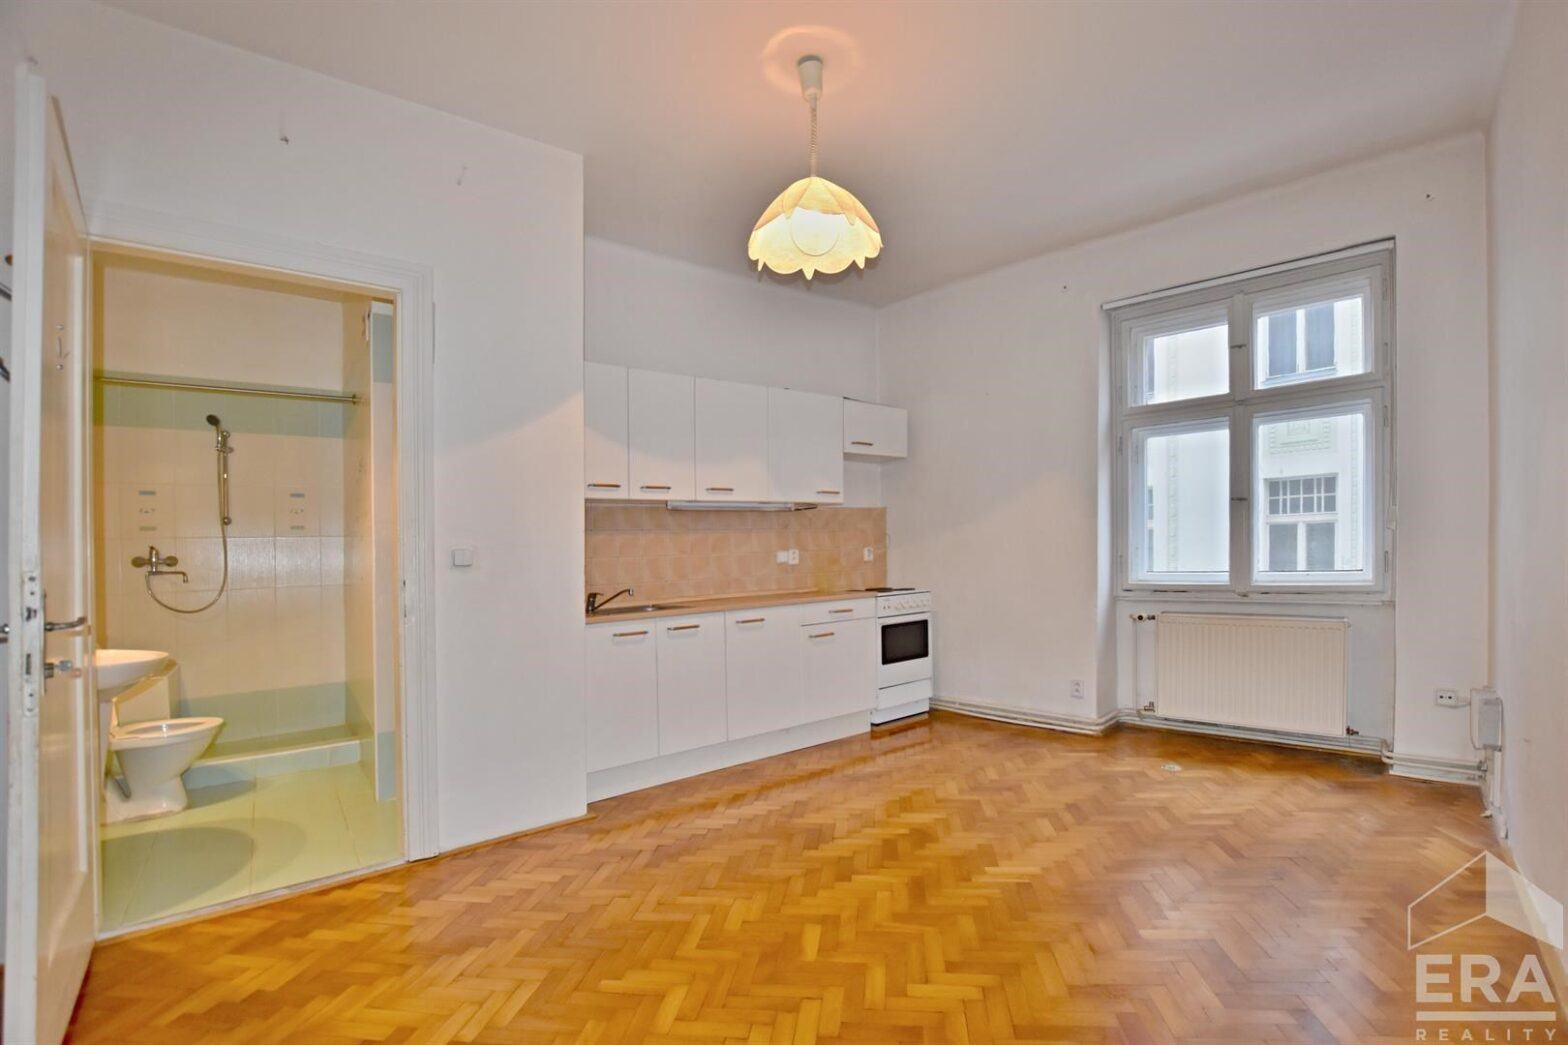 Pronájem bytu 2+kk, 42m2 v centru Jablonce